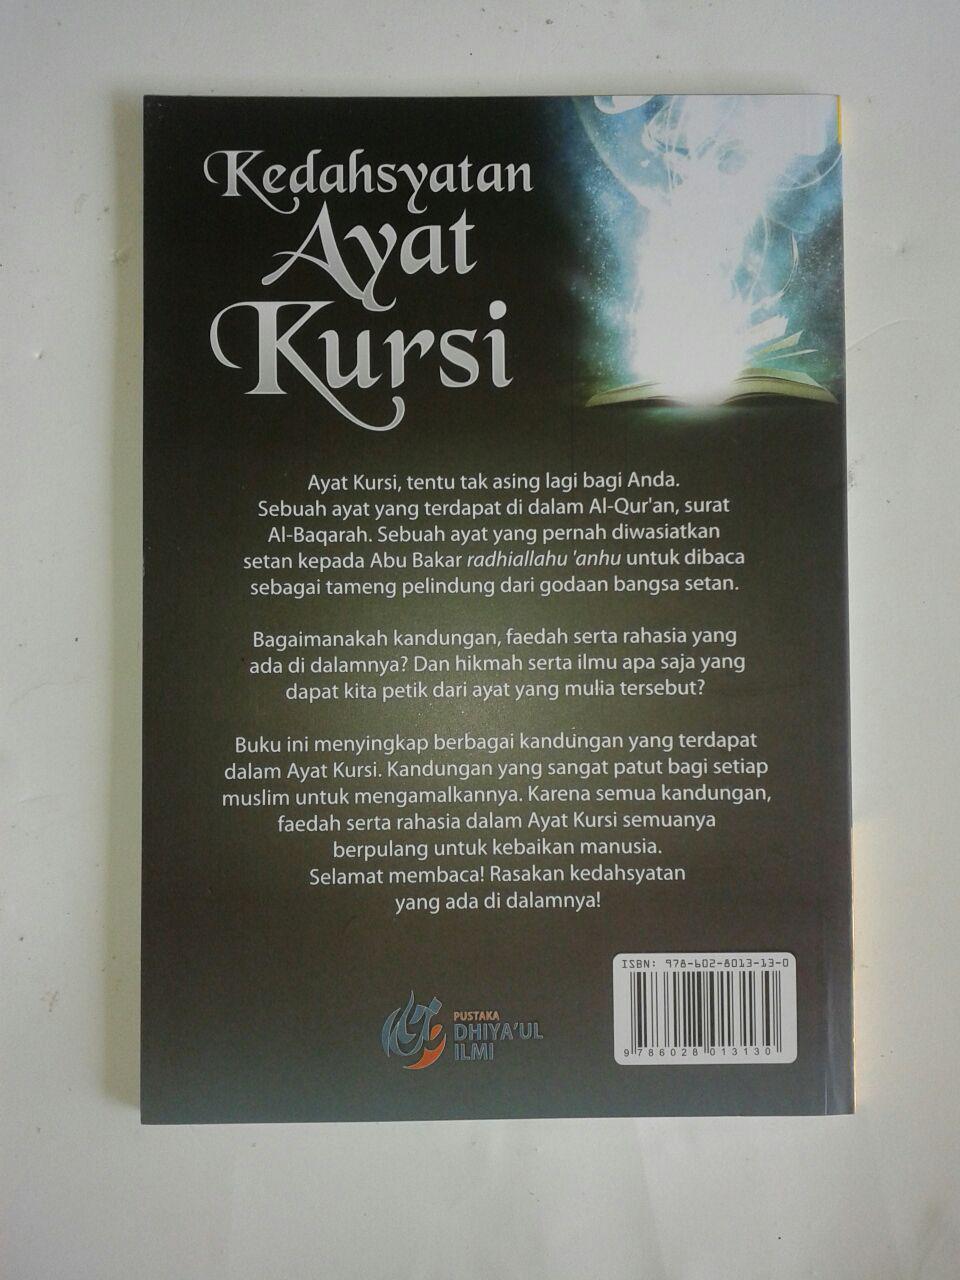 Buku Kedahsyatan Ayat Kursi Menguak Misteri Tersembunyi cover